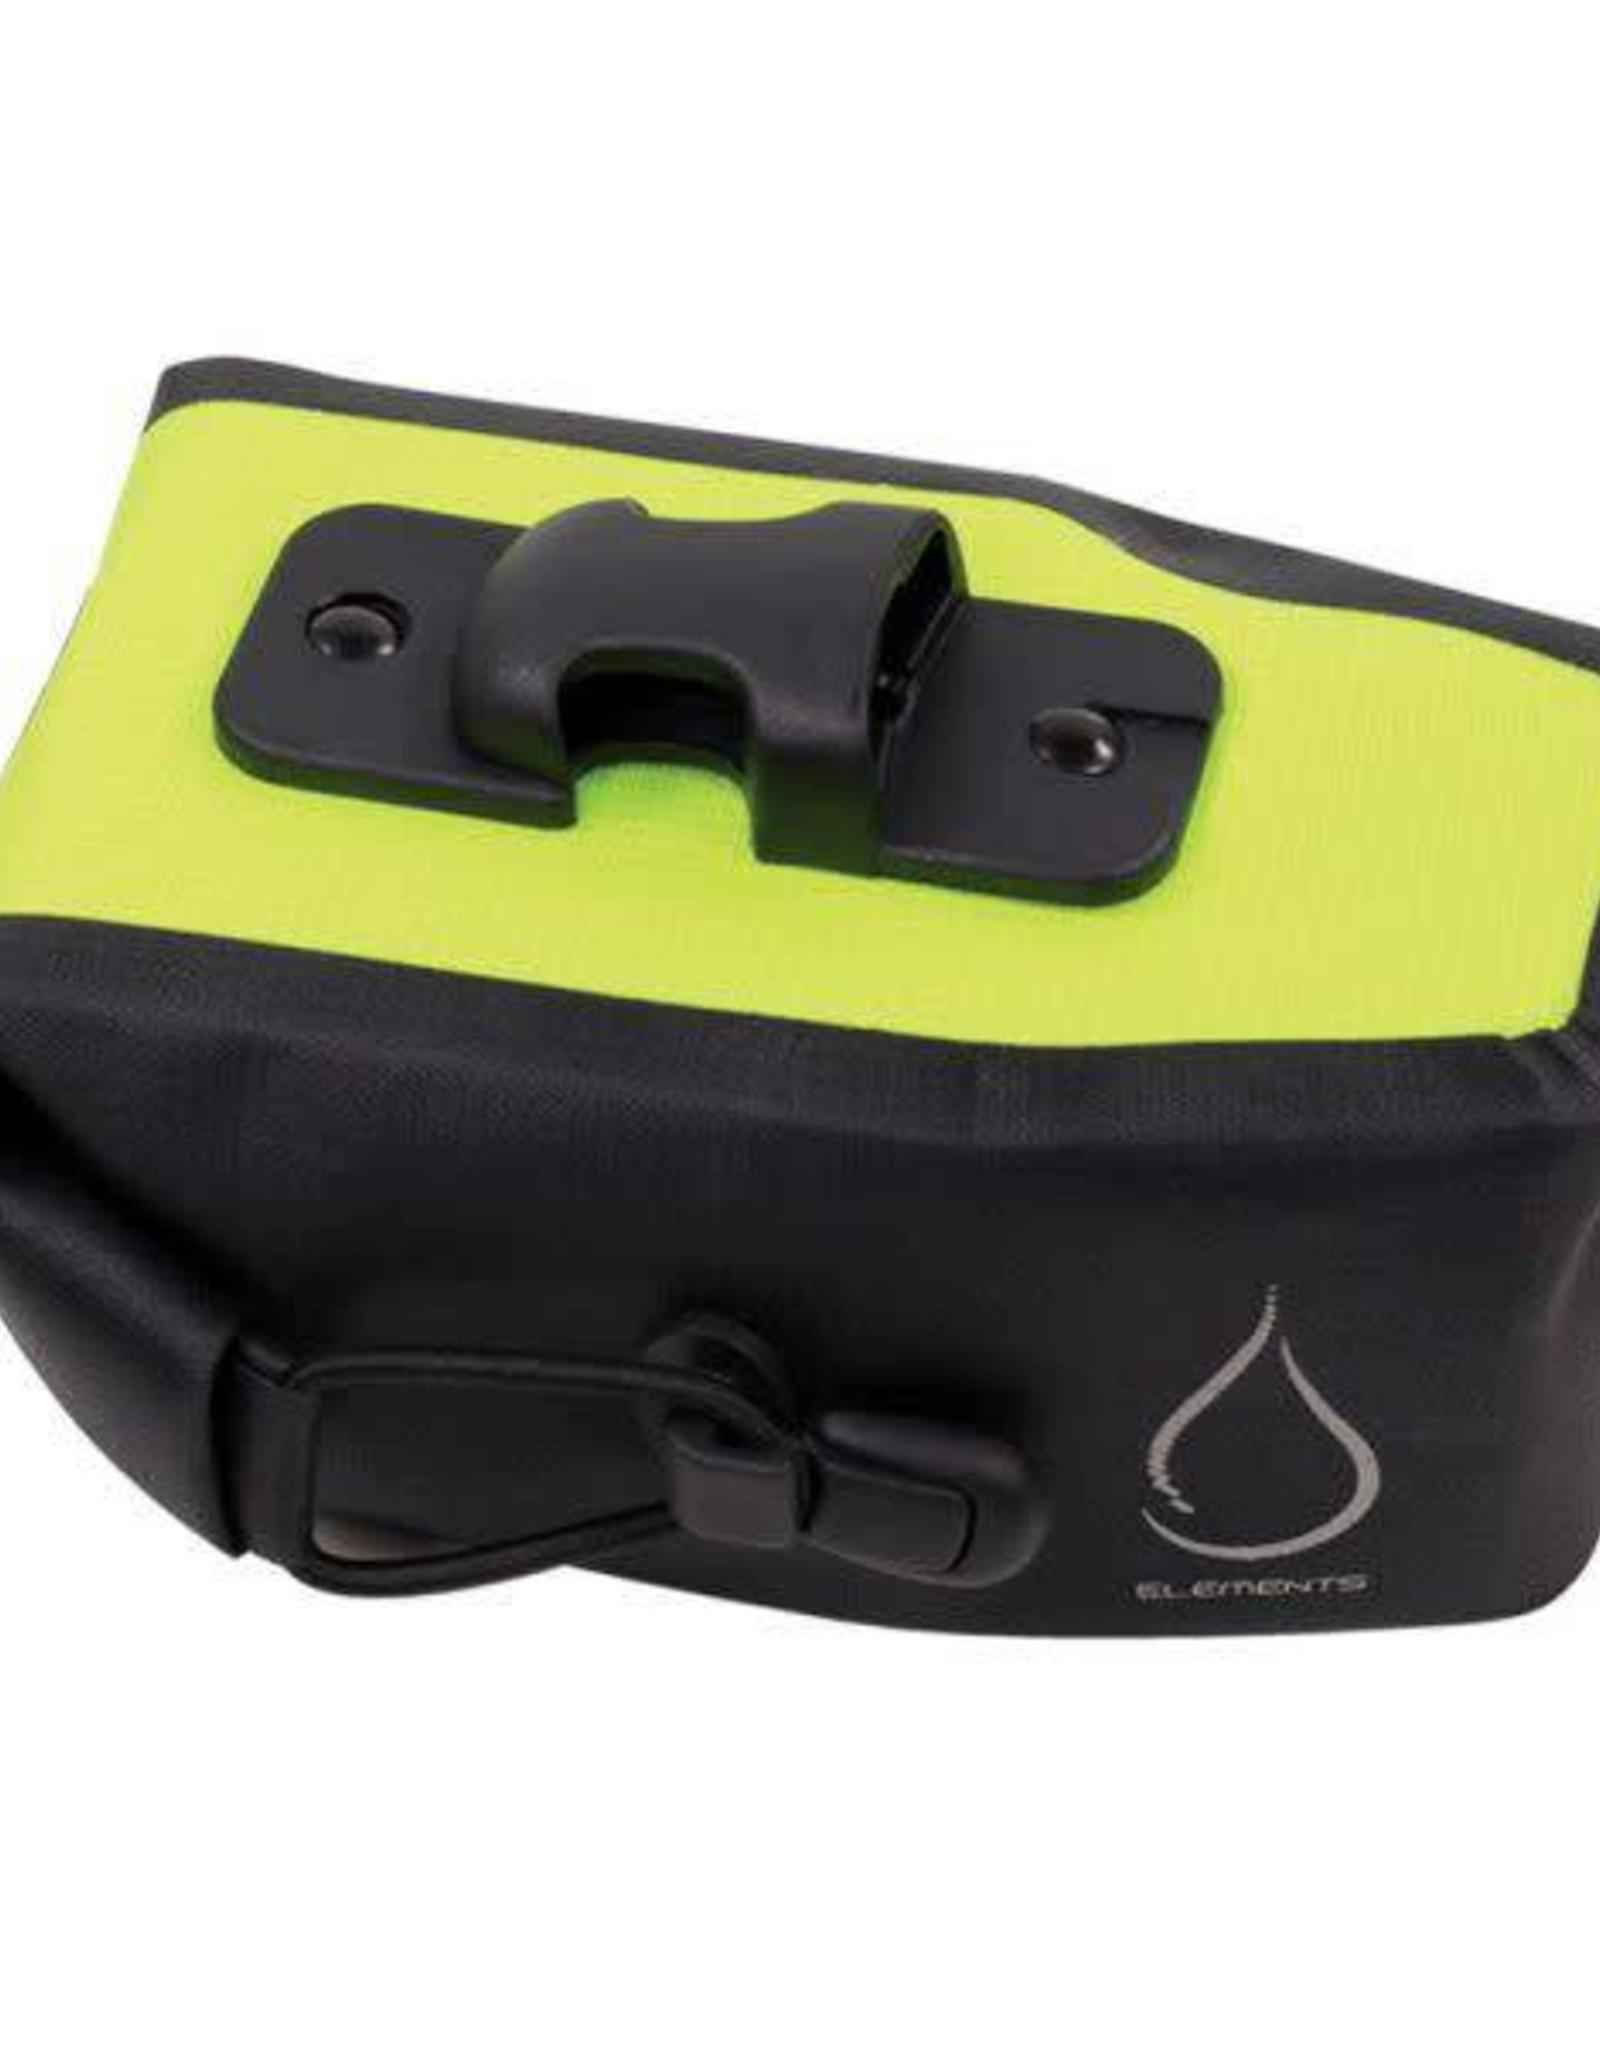 Serfas Serfas Monsoon Waterproof Bag LG Black/Hi Vis Yellow